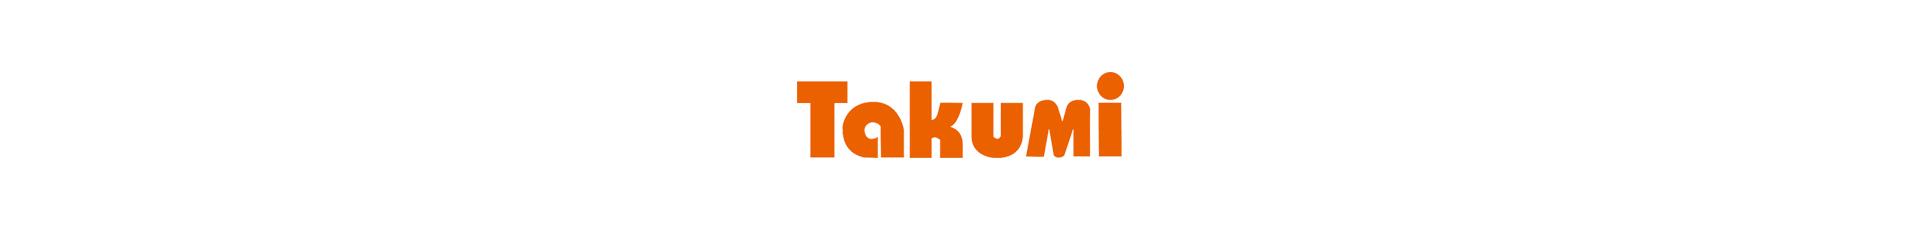 Takumi